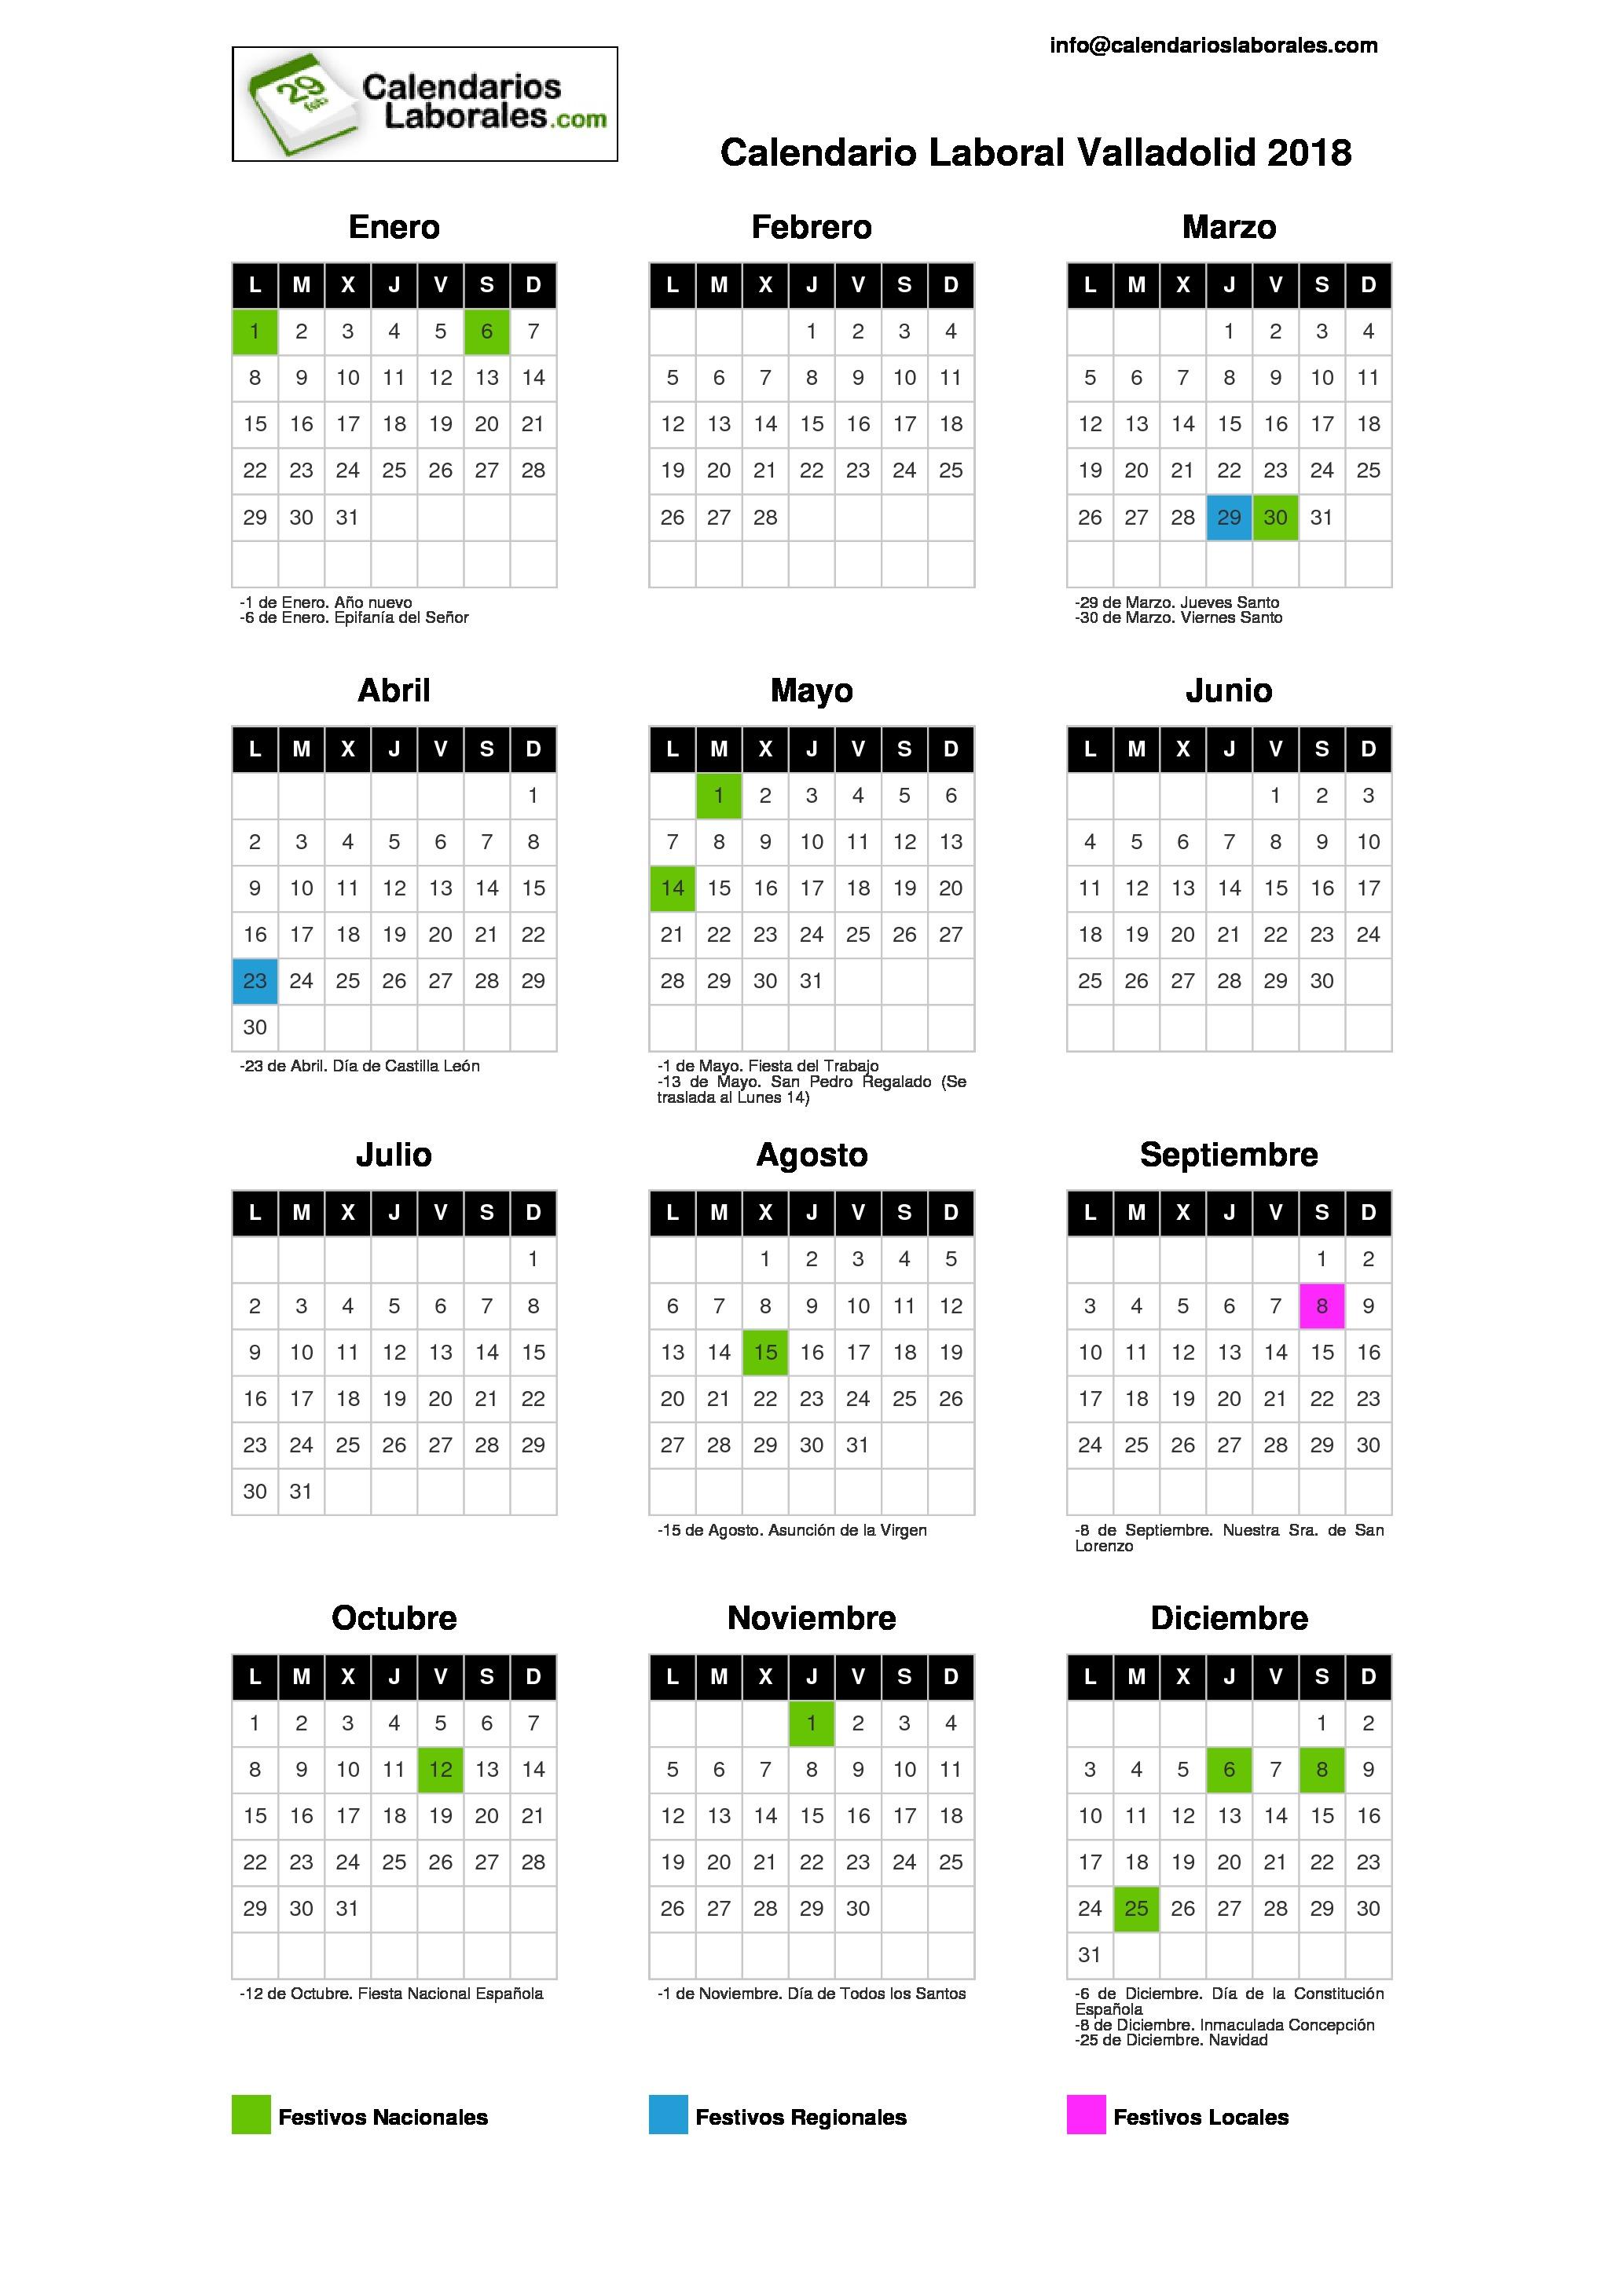 Calendario Escolar Valladolid.Calendario Laboral Valladolid 2018